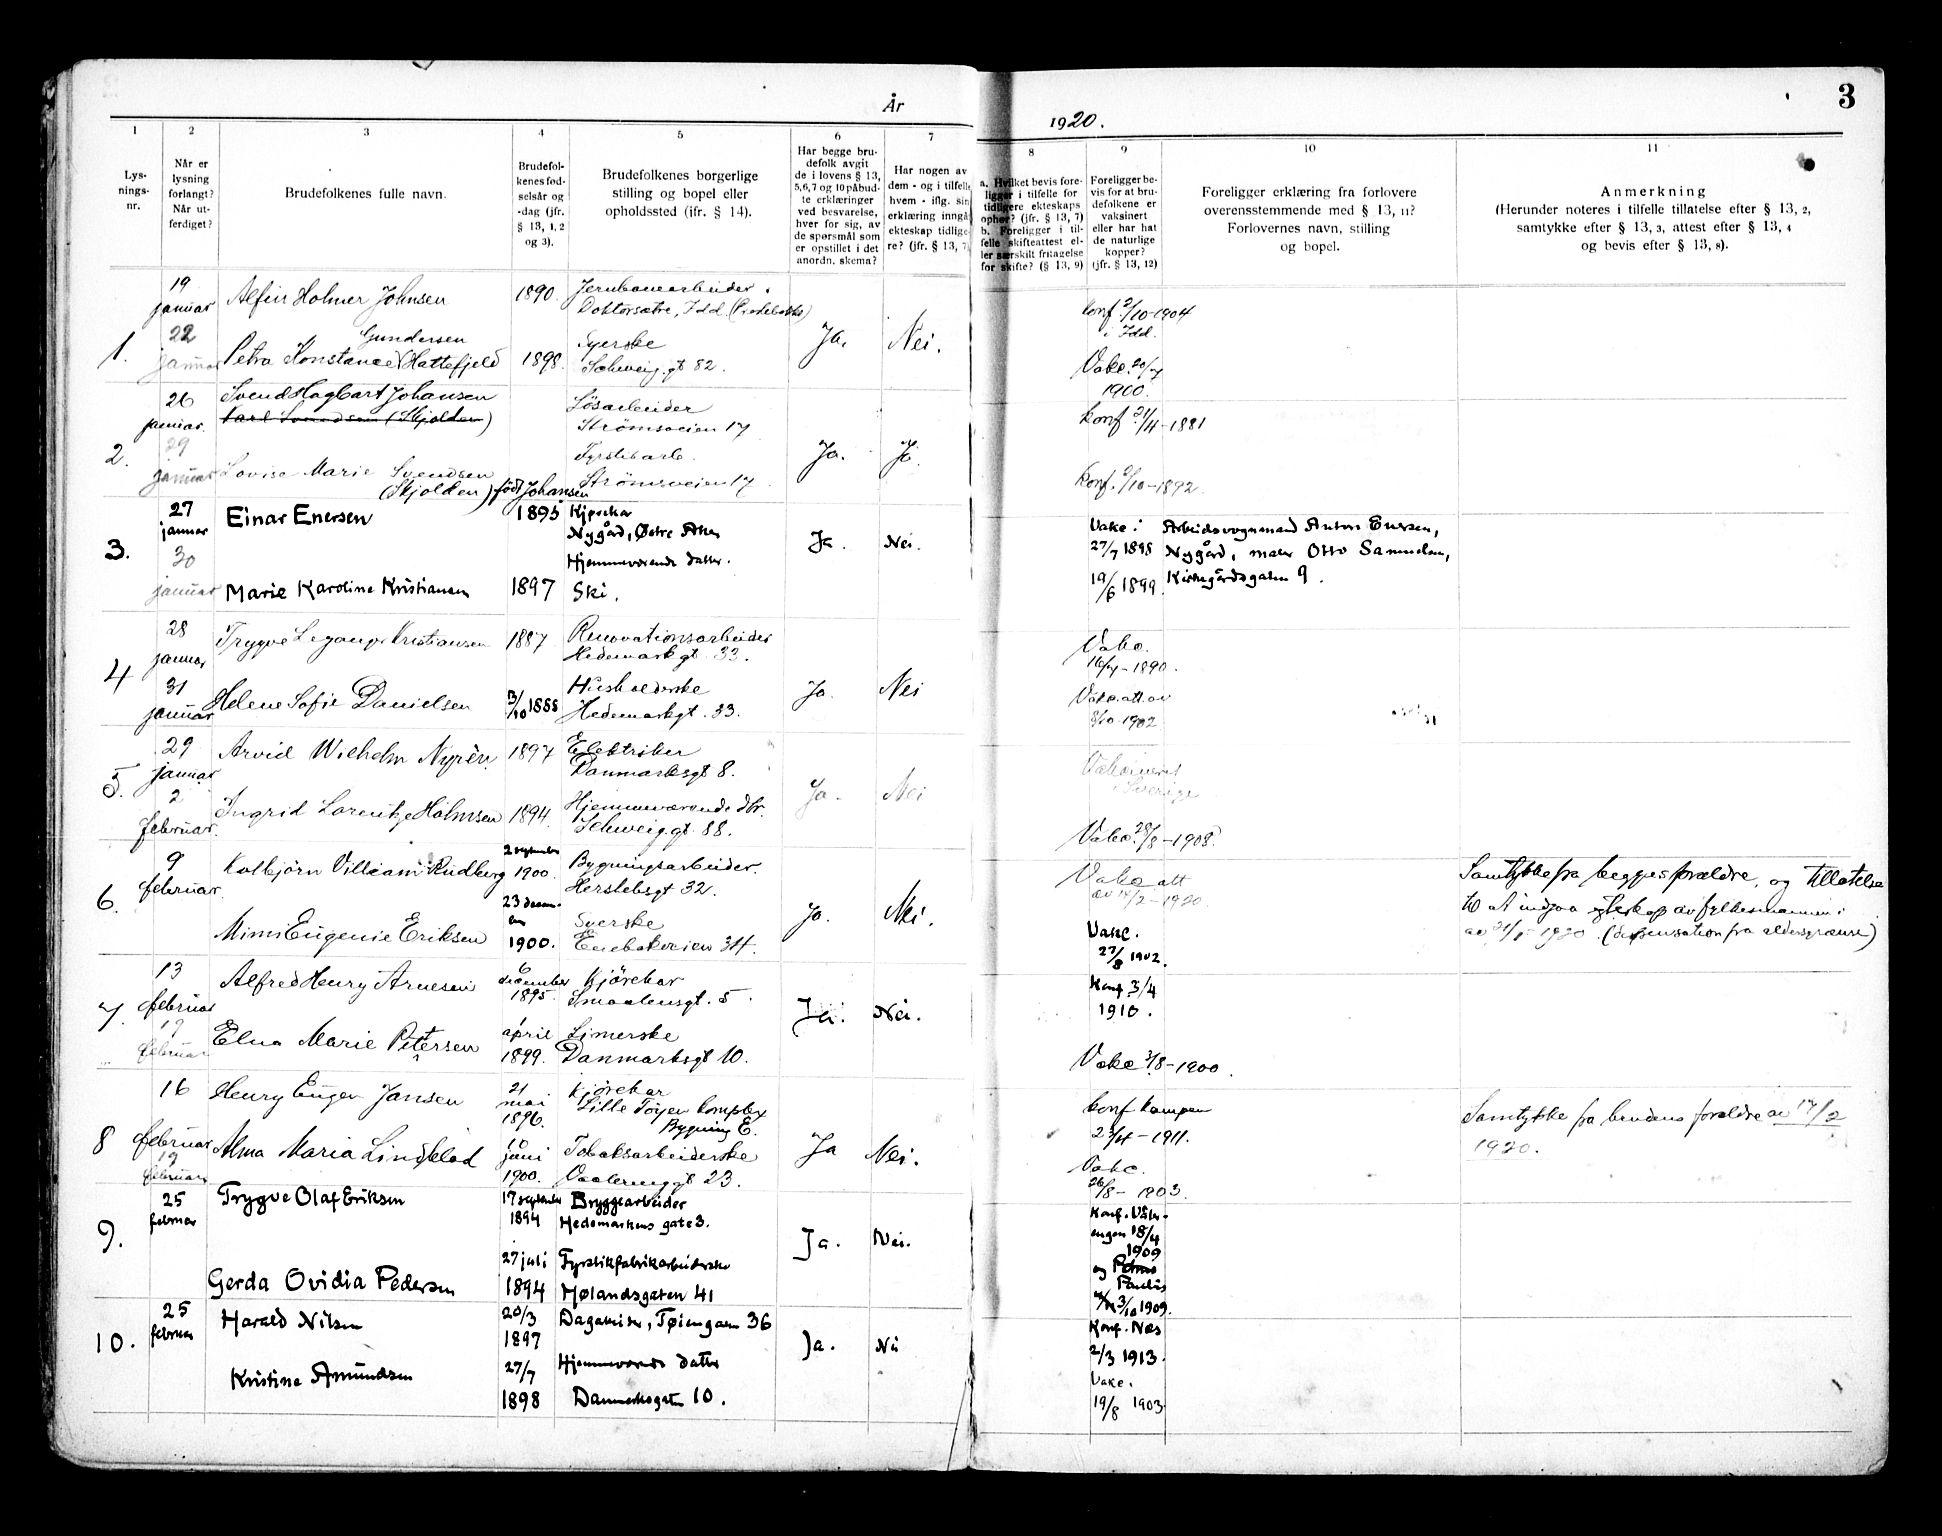 SAO, Vålerengen prestekontor Kirkebøker, H/Ha/L0003: Lysningsprotokoll nr. 3, 1919-1932, s. 3